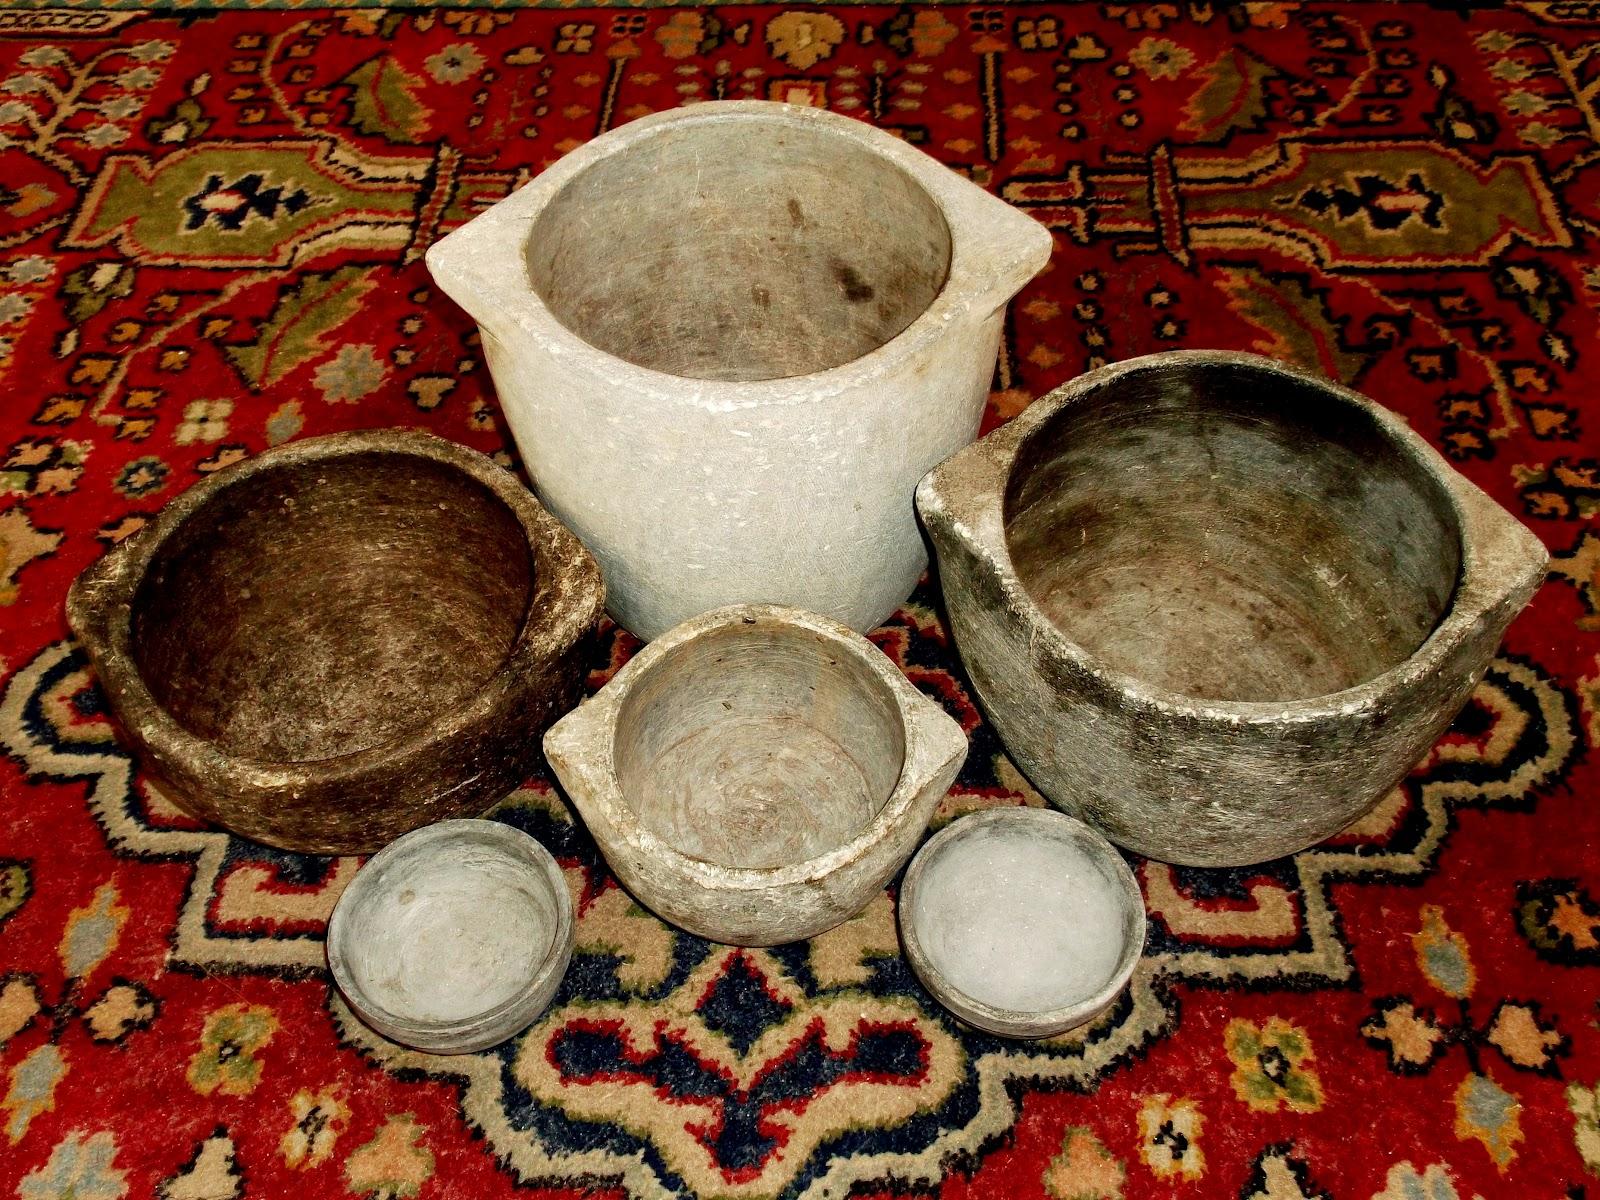 Antique Stone Cooking Pots